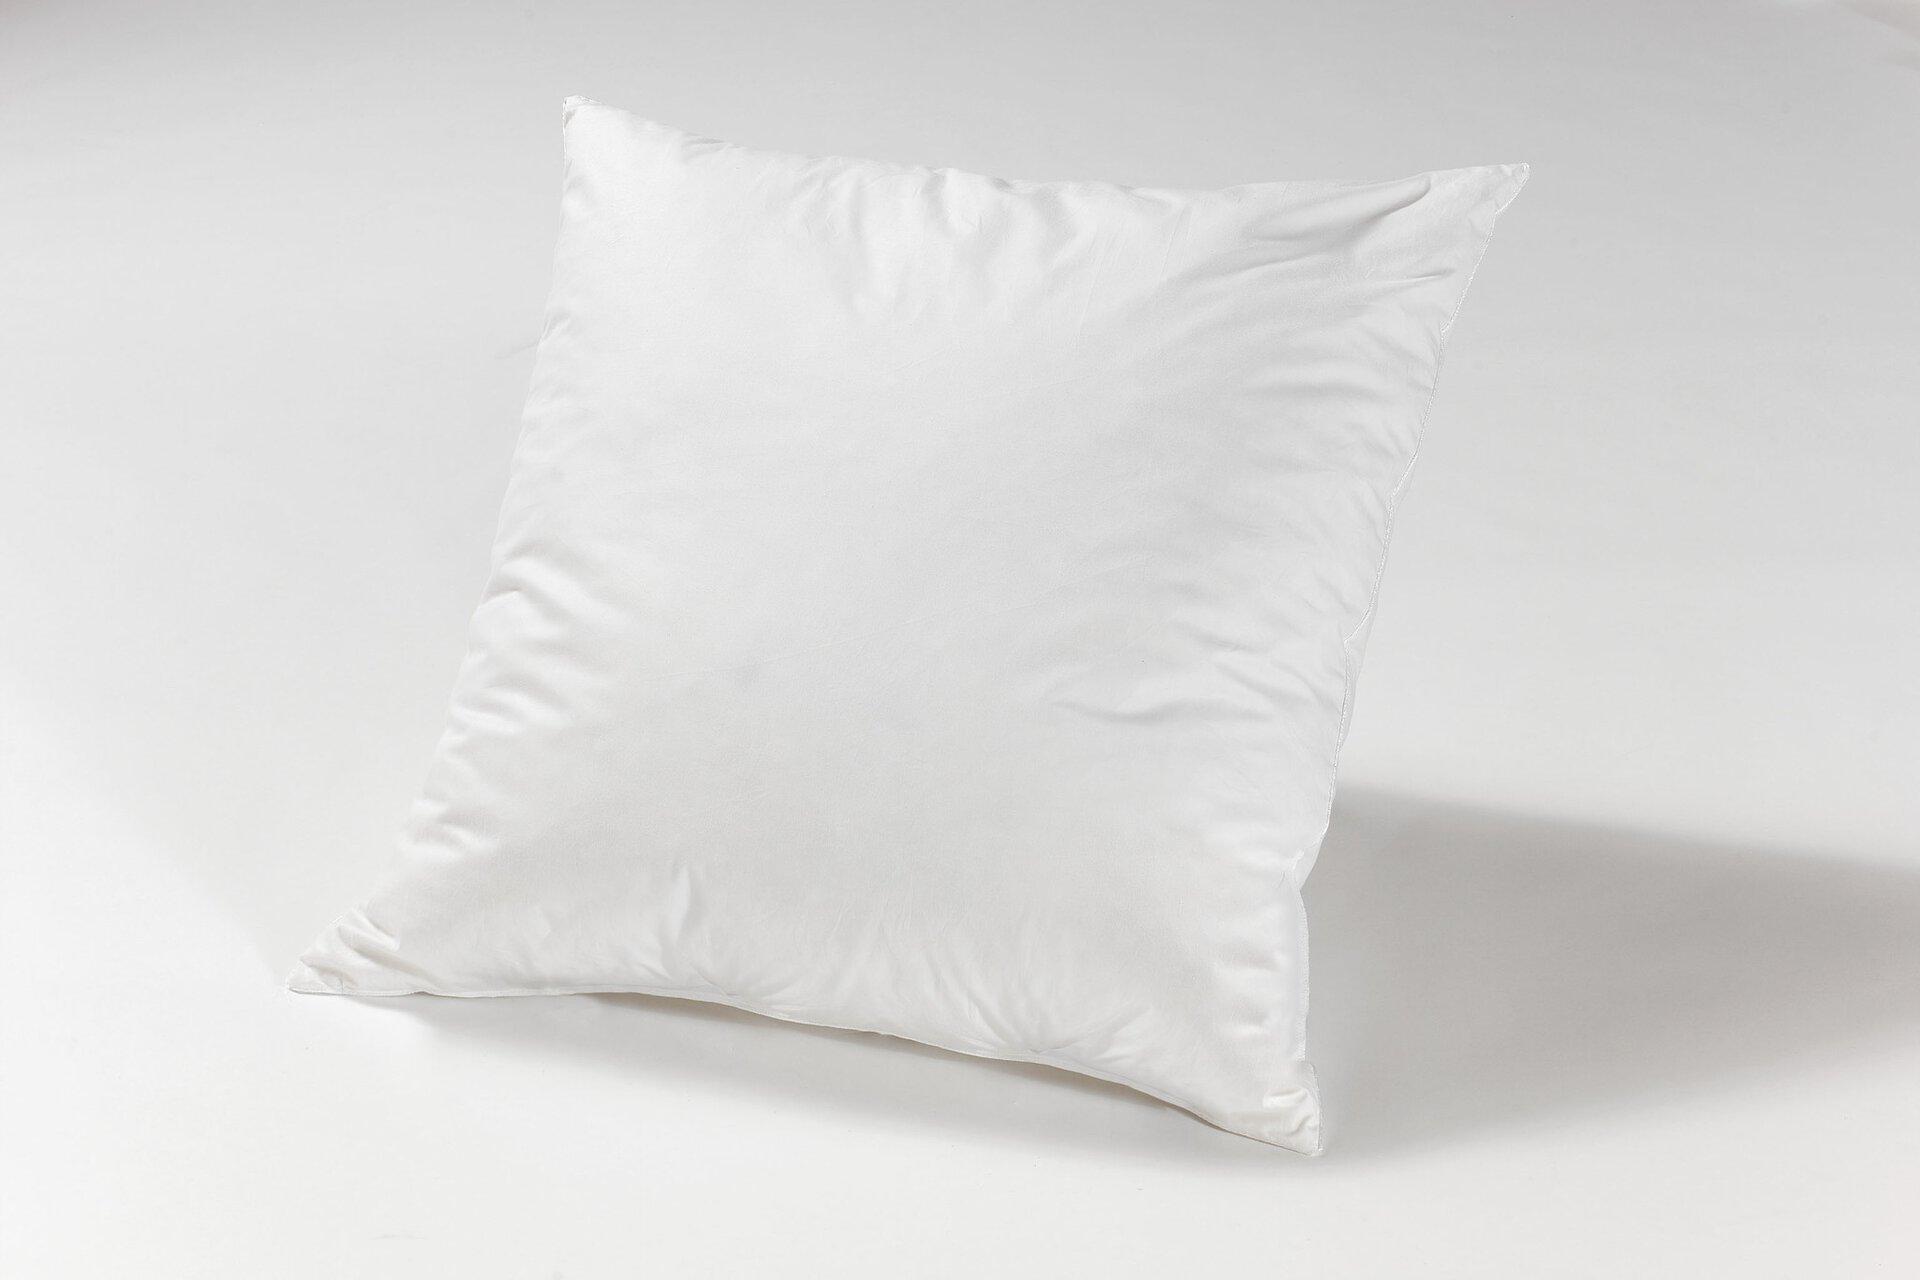 Füllkissen Sanders Textil weiß 40 x 40 cm